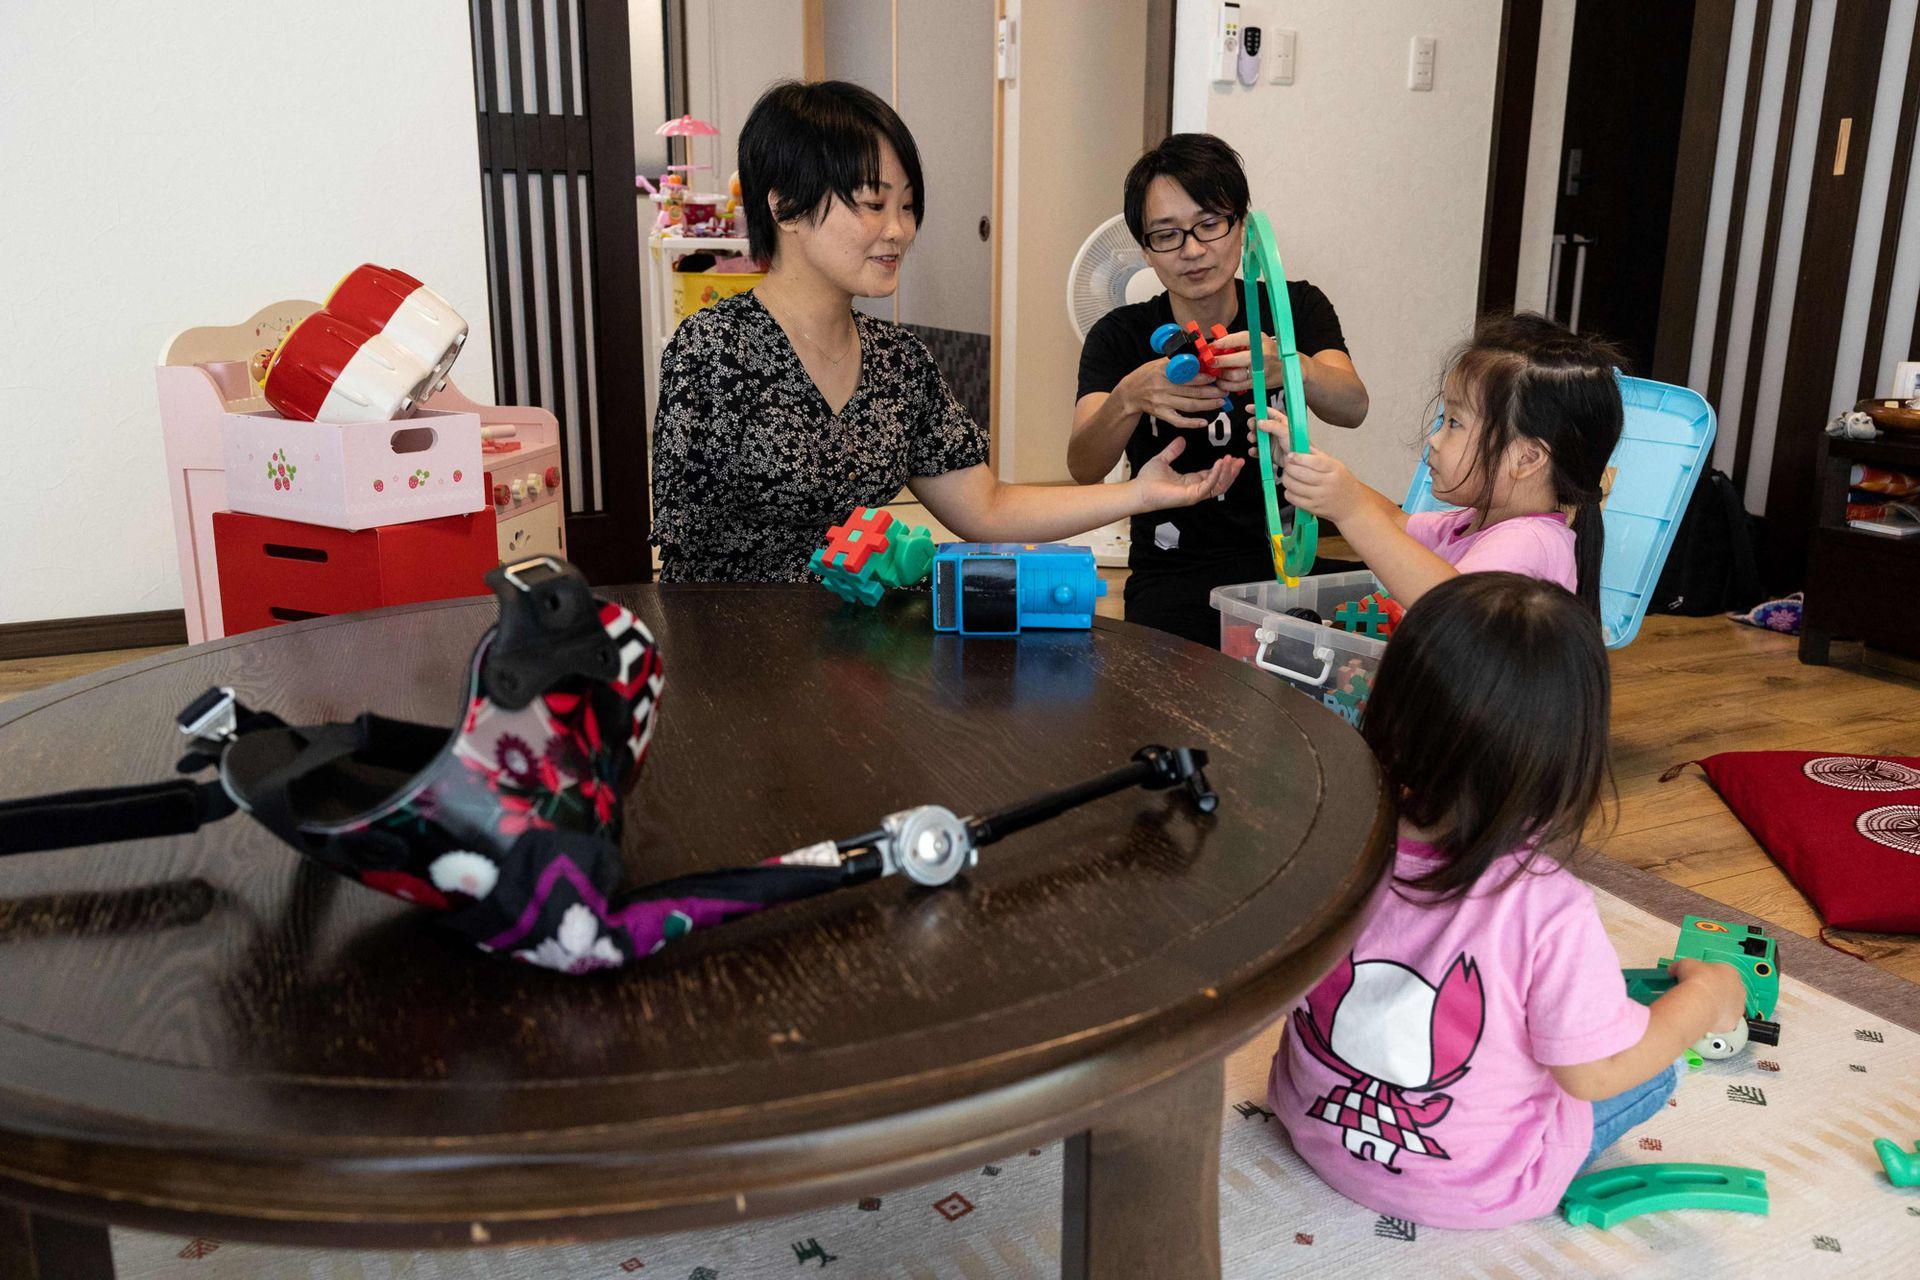 La violinista japonesa Manami Ito con sus hijas Miu y Mei y su esposo Yuki. Se ve el brazo protésico sobre la mesa en su residencia en Shizuoka